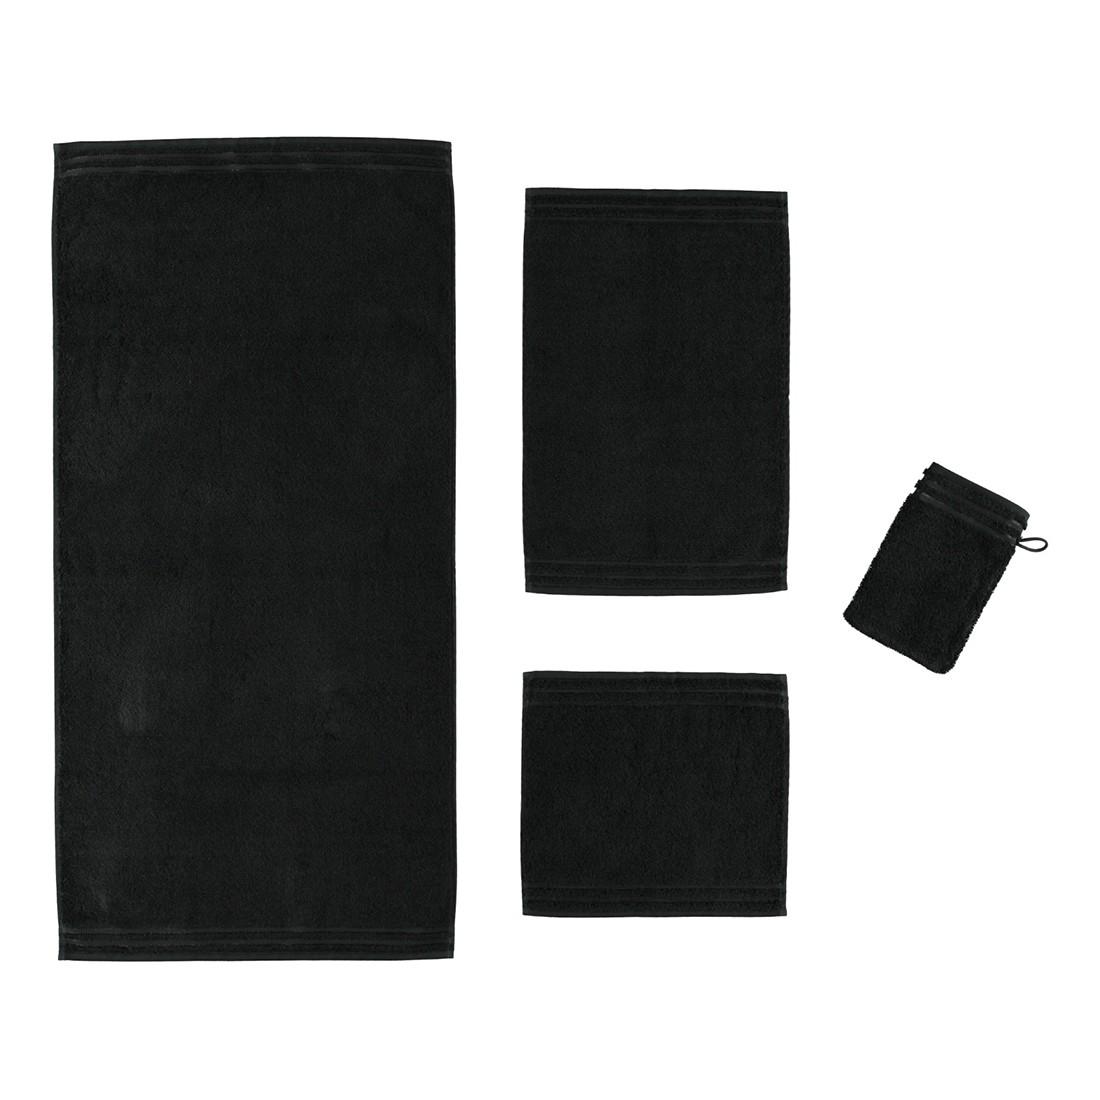 Handtuch Calypso Feeling – 100% Baumwolle Schwarz – 790 – Gästetuch: 30 x 50 cm, Vossen kaufen